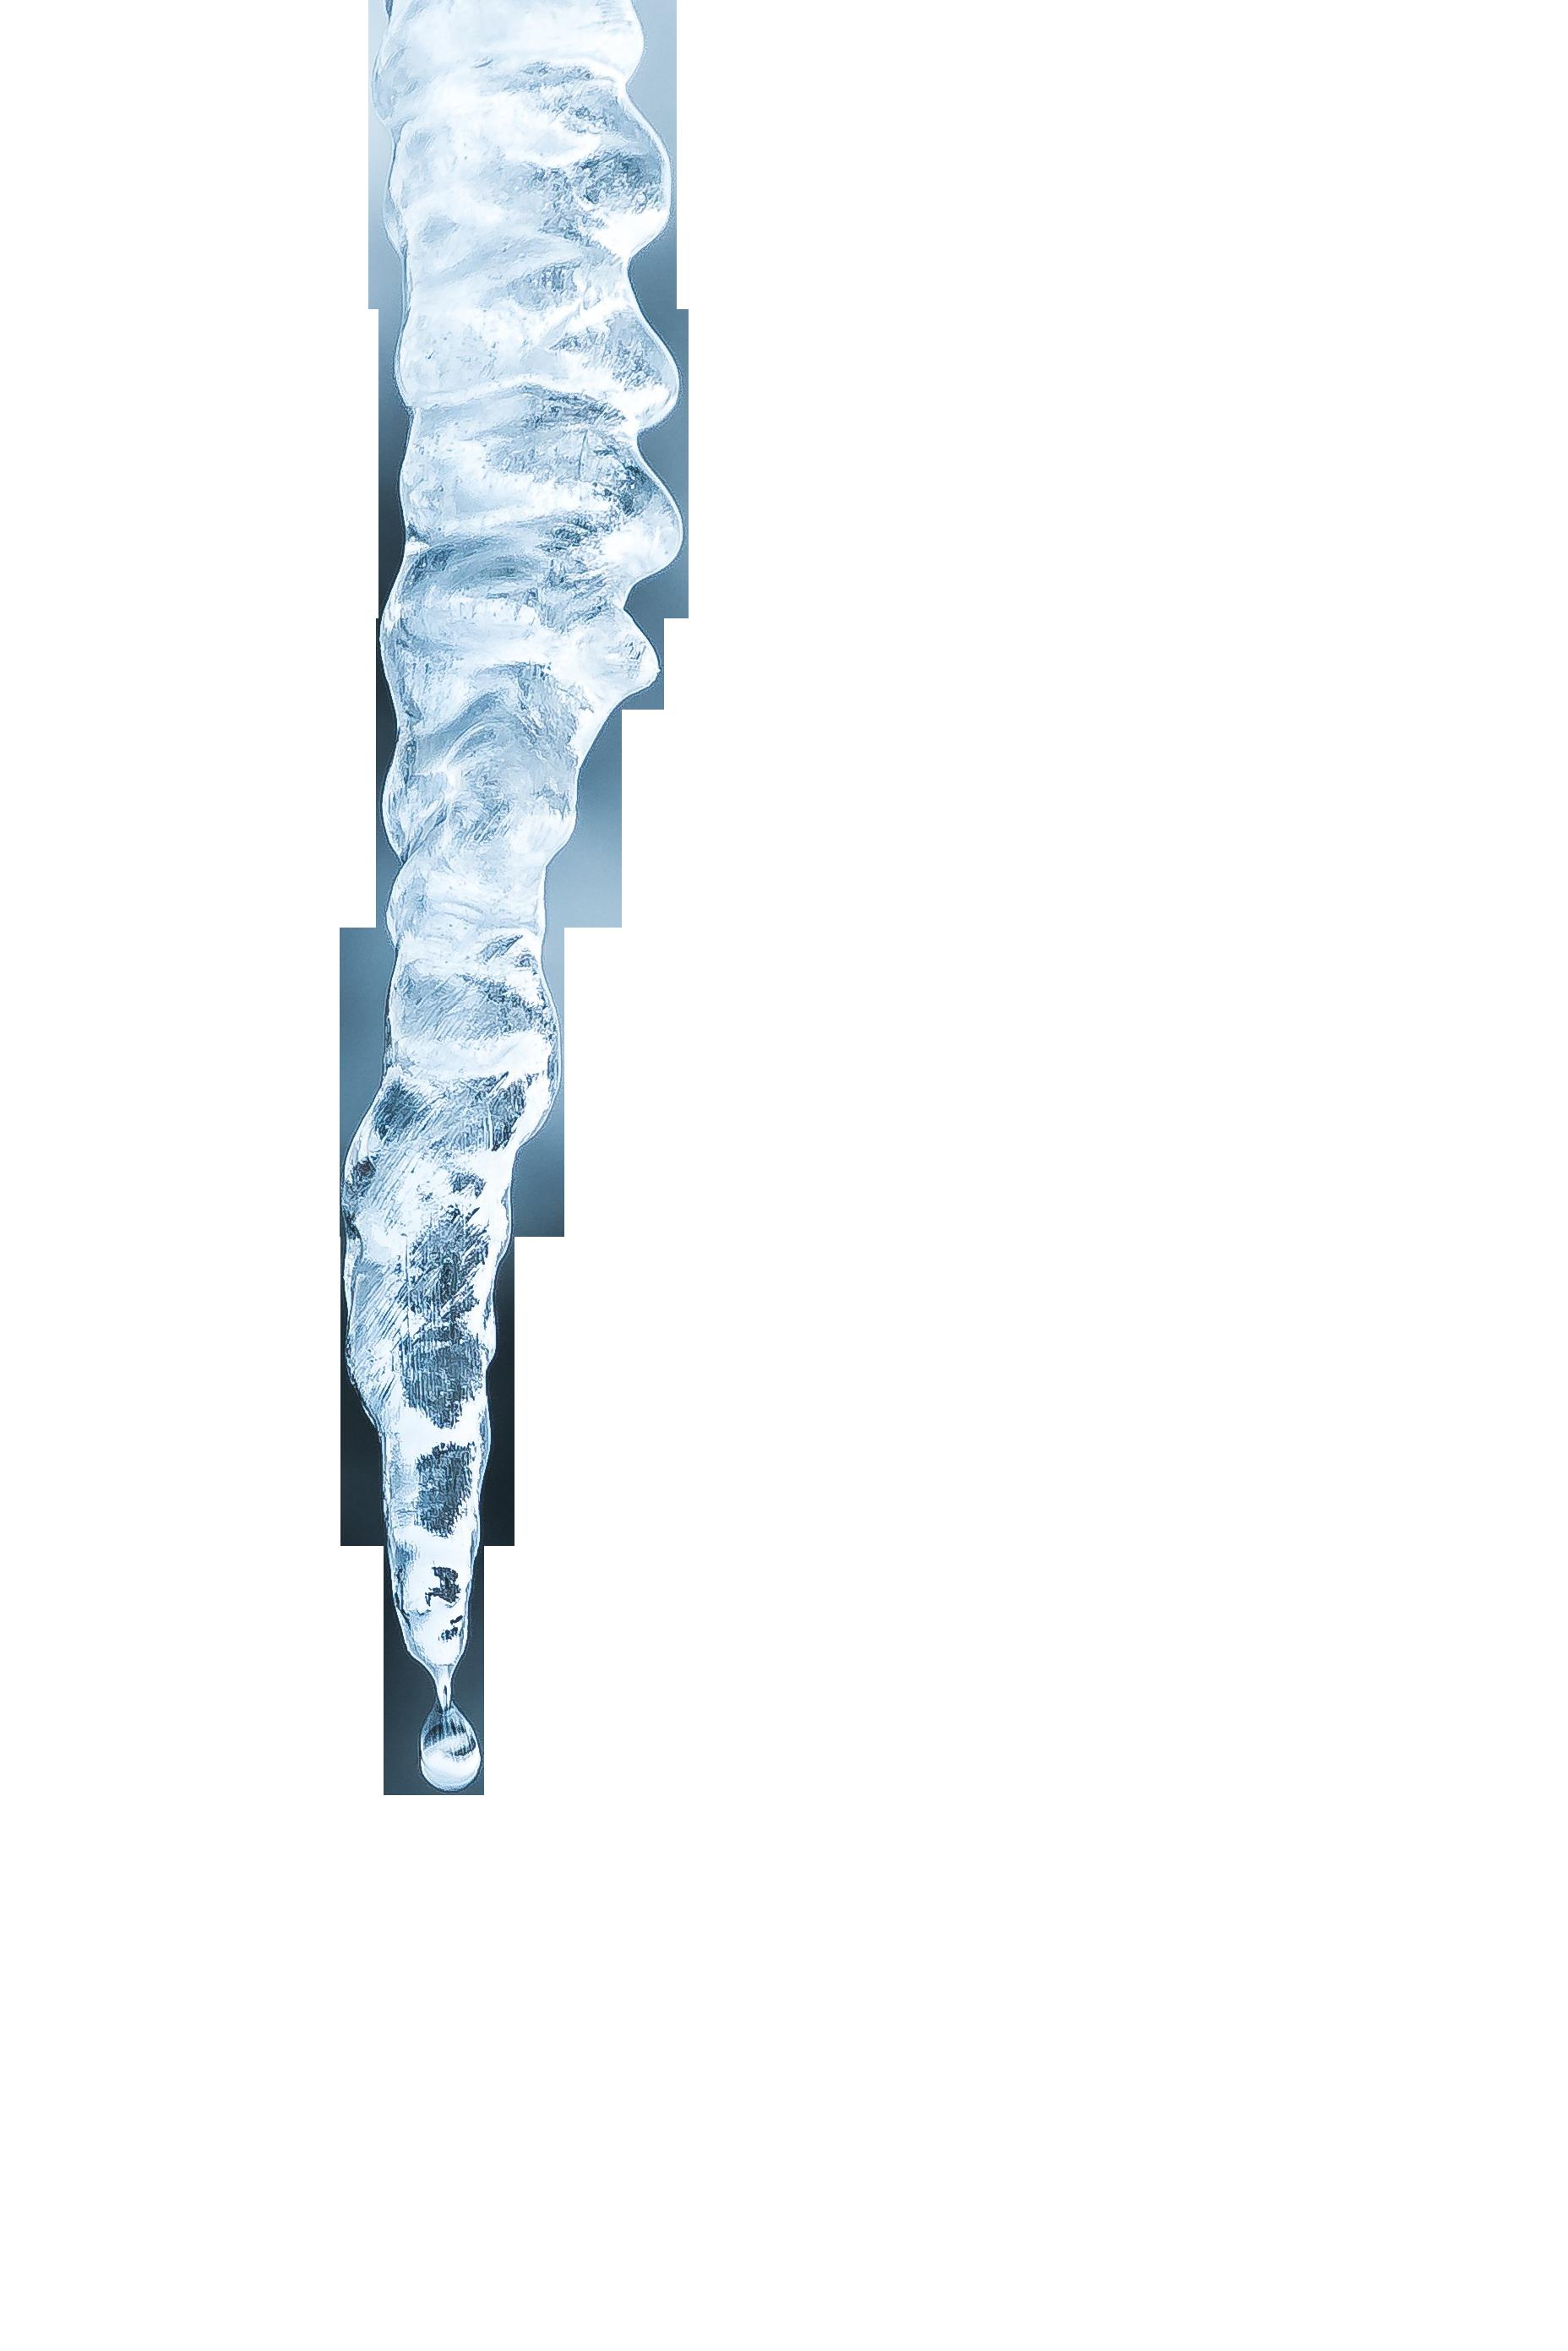 ice-1125335_Clip